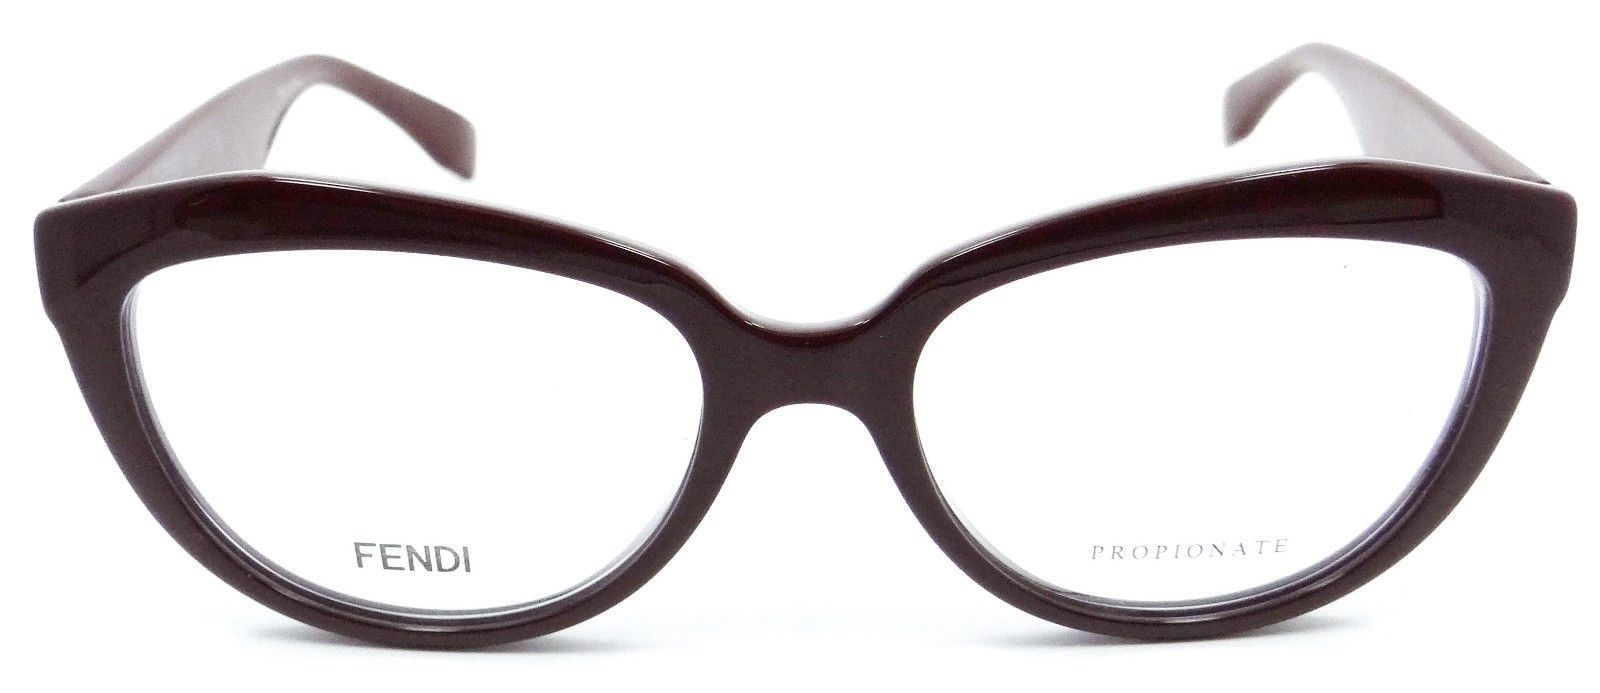 404fee7c91b Fendi Rx Eyeglasses Frames FF 0020 COI 52-17-140 Opal Burgundy Made in